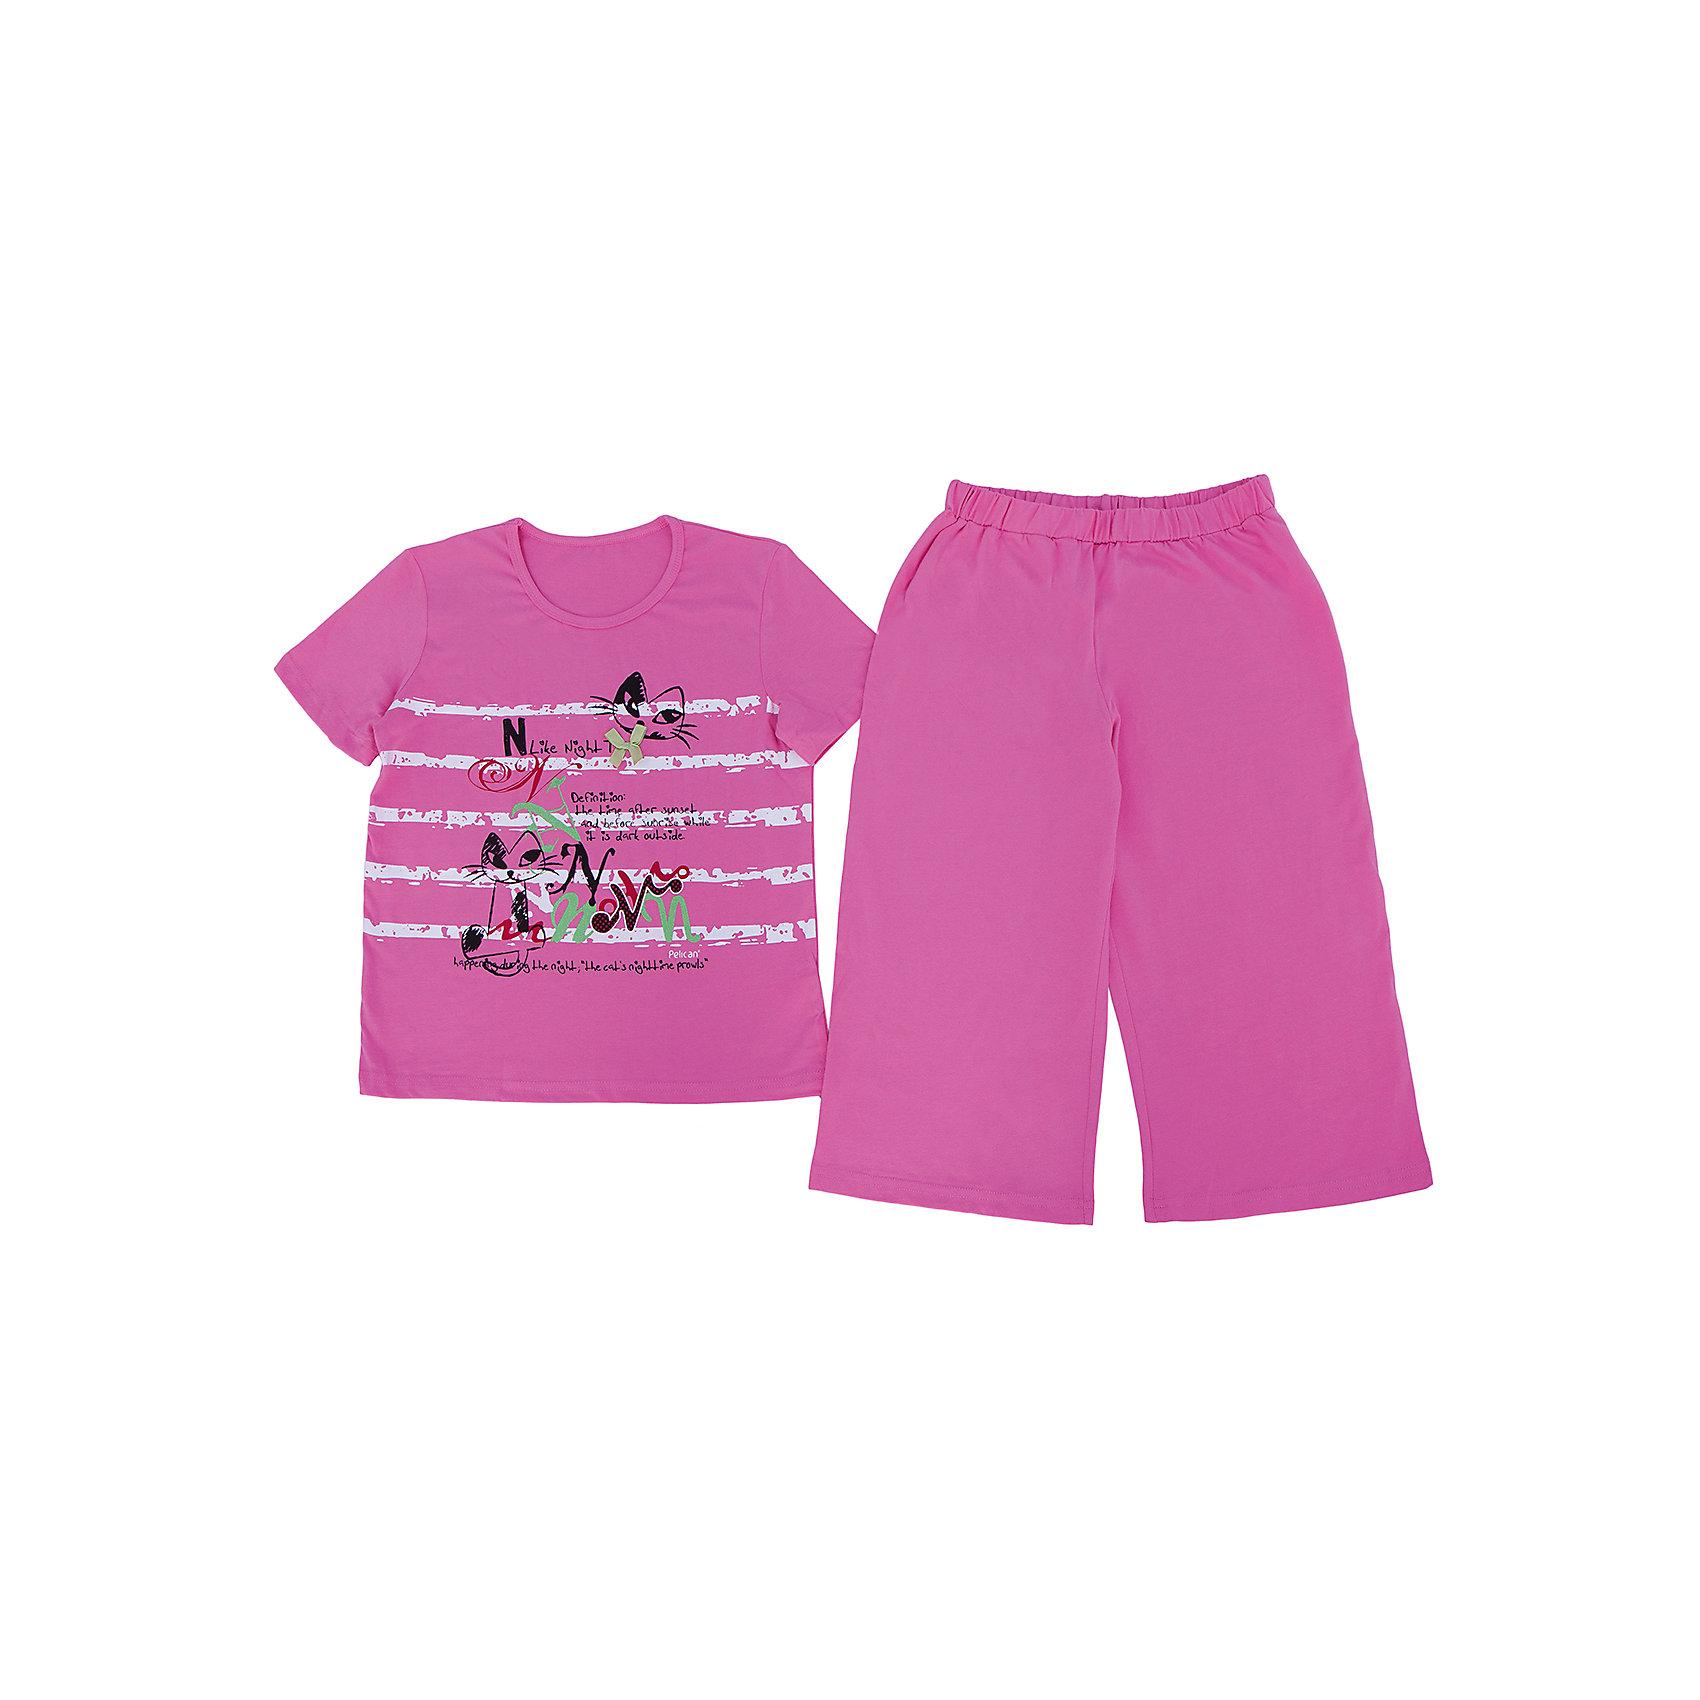 Пижама для девочки PELICANСимпатичная пижама состоит из длинных шорт и футболки. Удобные трикотажные изделия обеспечат комфорт во время сна. Мягкие резинки на рукавах на сдавливают кожу и не мешают кровообращению.  <br>Пижама украшена оригинальным принтом. Материал - легкий, отлично подходит для лета, состоит преимущественно из дышащего натурального хлопка. Очень приятен на ощупь, не вызывает аллергии.<br><br>Дополнительная информация:<br><br>материал: хлопок;<br>цвет: розовый;<br>с принтом;<br>рукава короткие.<br><br>Пижама для девочки от бренда PELICAN (Пеликан) можно купить в нашем магазине.<br><br>Ширина мм: 281<br>Глубина мм: 70<br>Высота мм: 188<br>Вес г: 295<br>Цвет: розовый<br>Возраст от месяцев: 108<br>Возраст до месяцев: 120<br>Пол: Женский<br>Возраст: Детский<br>Размер: 140,122,128,134,116<br>SKU: 4805121